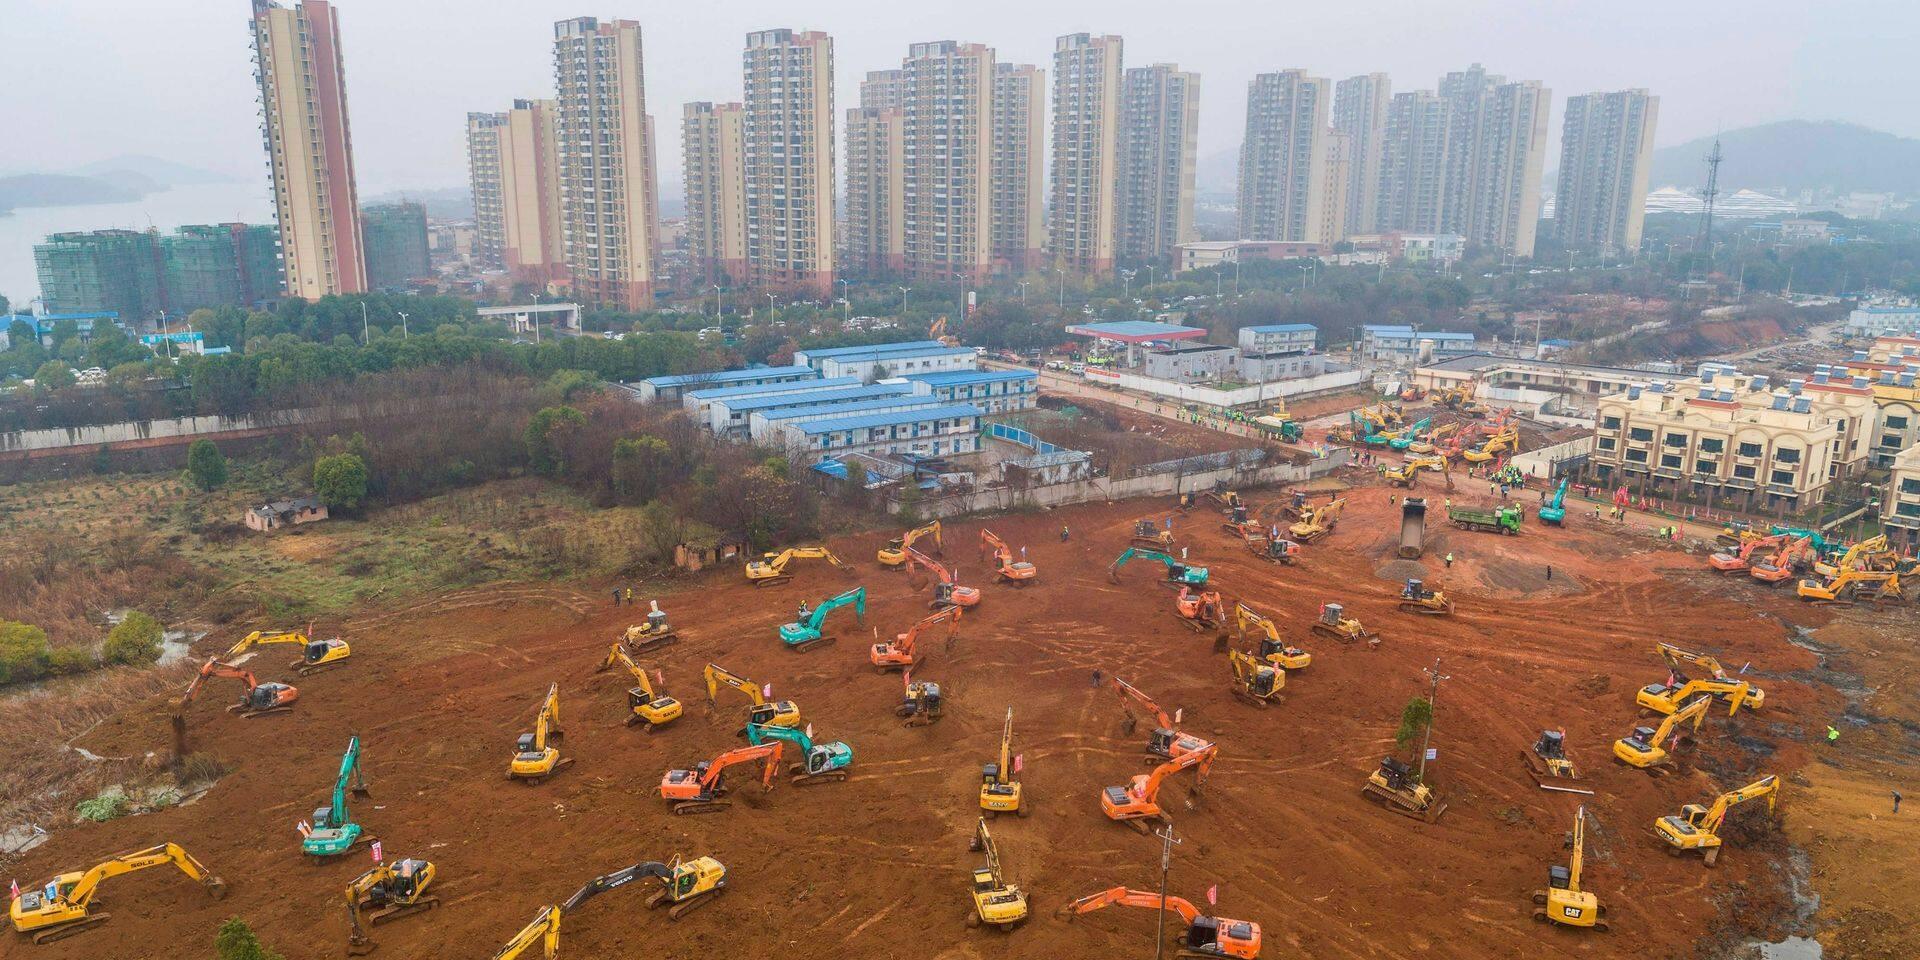 Hôpital construit en un temps record en Chine: quand le bâtiment va...